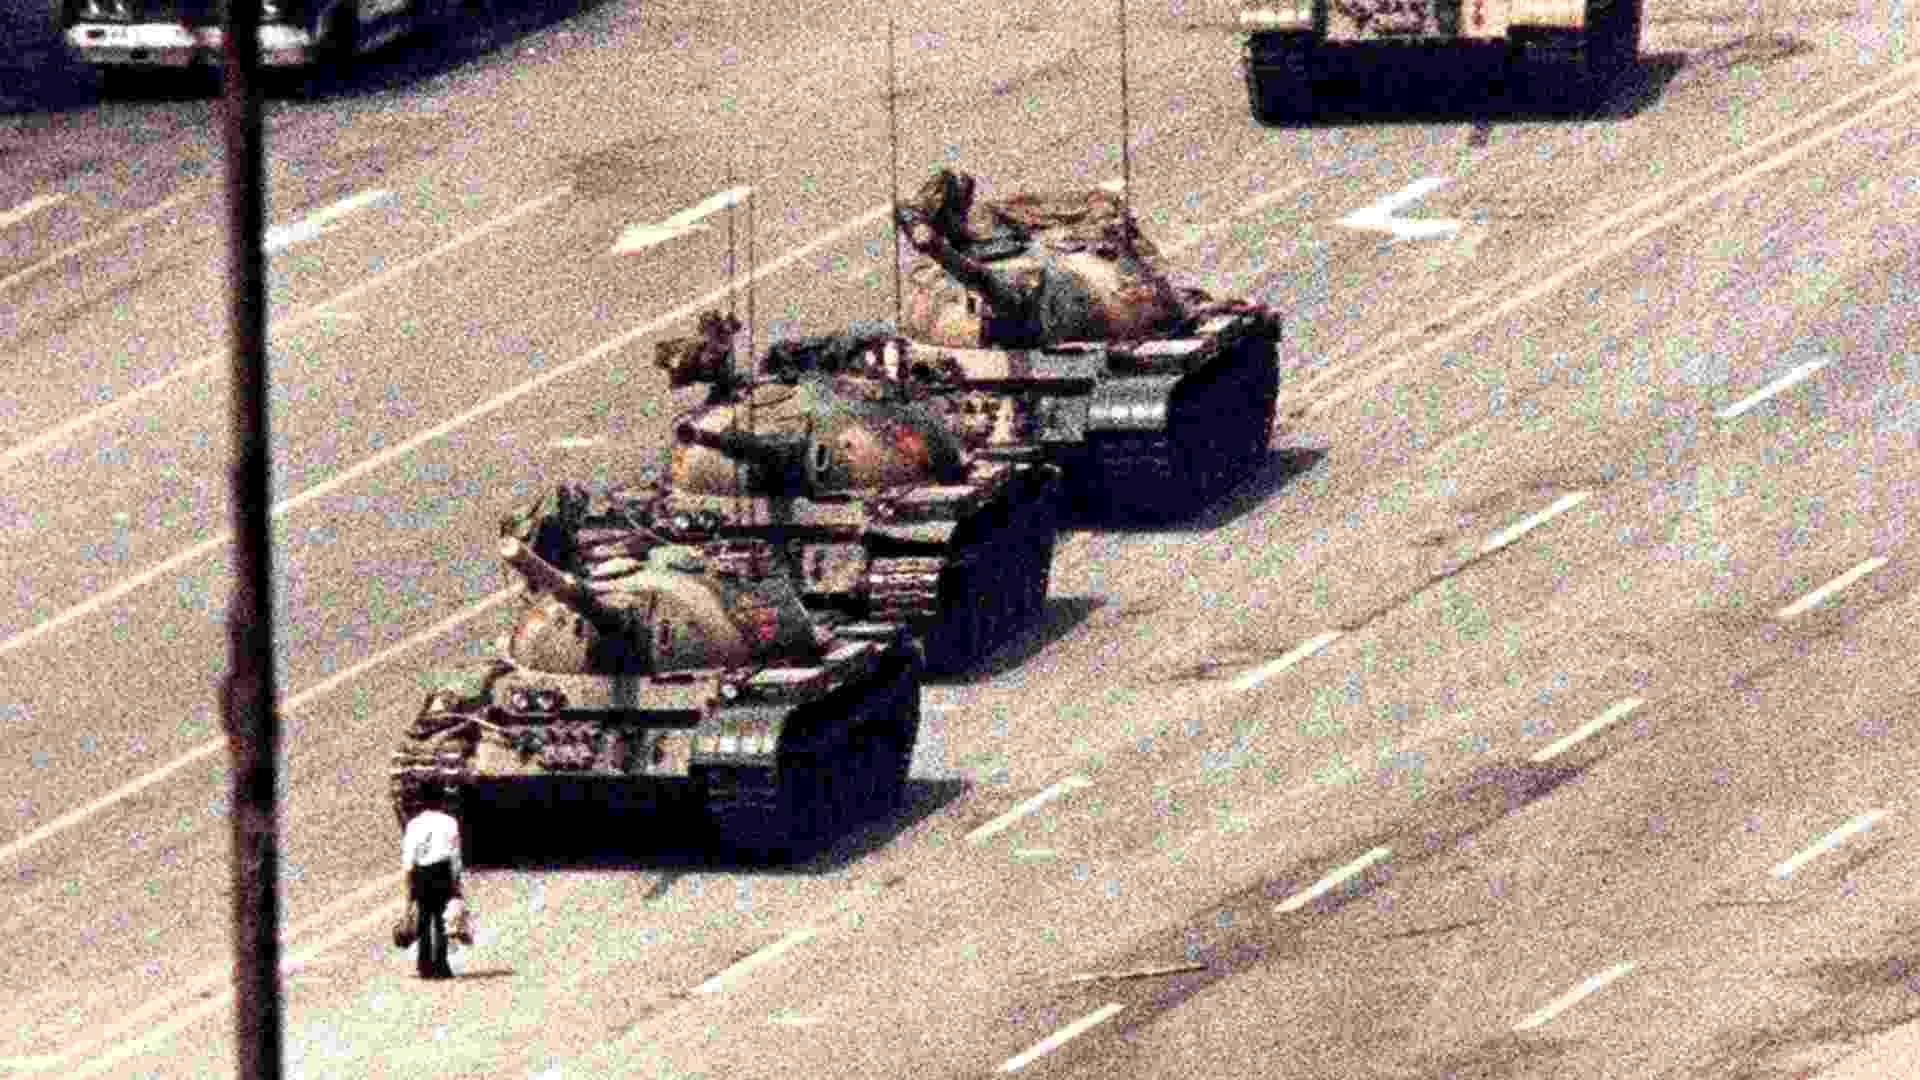 4.jun.2013 - Em imagem de arquivo de 5 de junho de 1989, homem se posta diante de tanques de guerra na avenida da Paz Eterna em Pequim. Nesta terça-feira (4) completam-se 24 anos do massacre da praça Tiananmen (praça da Paz Celestial, em português), quando manifestantes pró-democracia foram expulsos da praça, ocupada por sete semanas, resultando no saldo de mortos entre centenas e milhares (faltam informações do governo chinês) - Arthur Tsang/Reuters/Arquivo 5.jun.1989